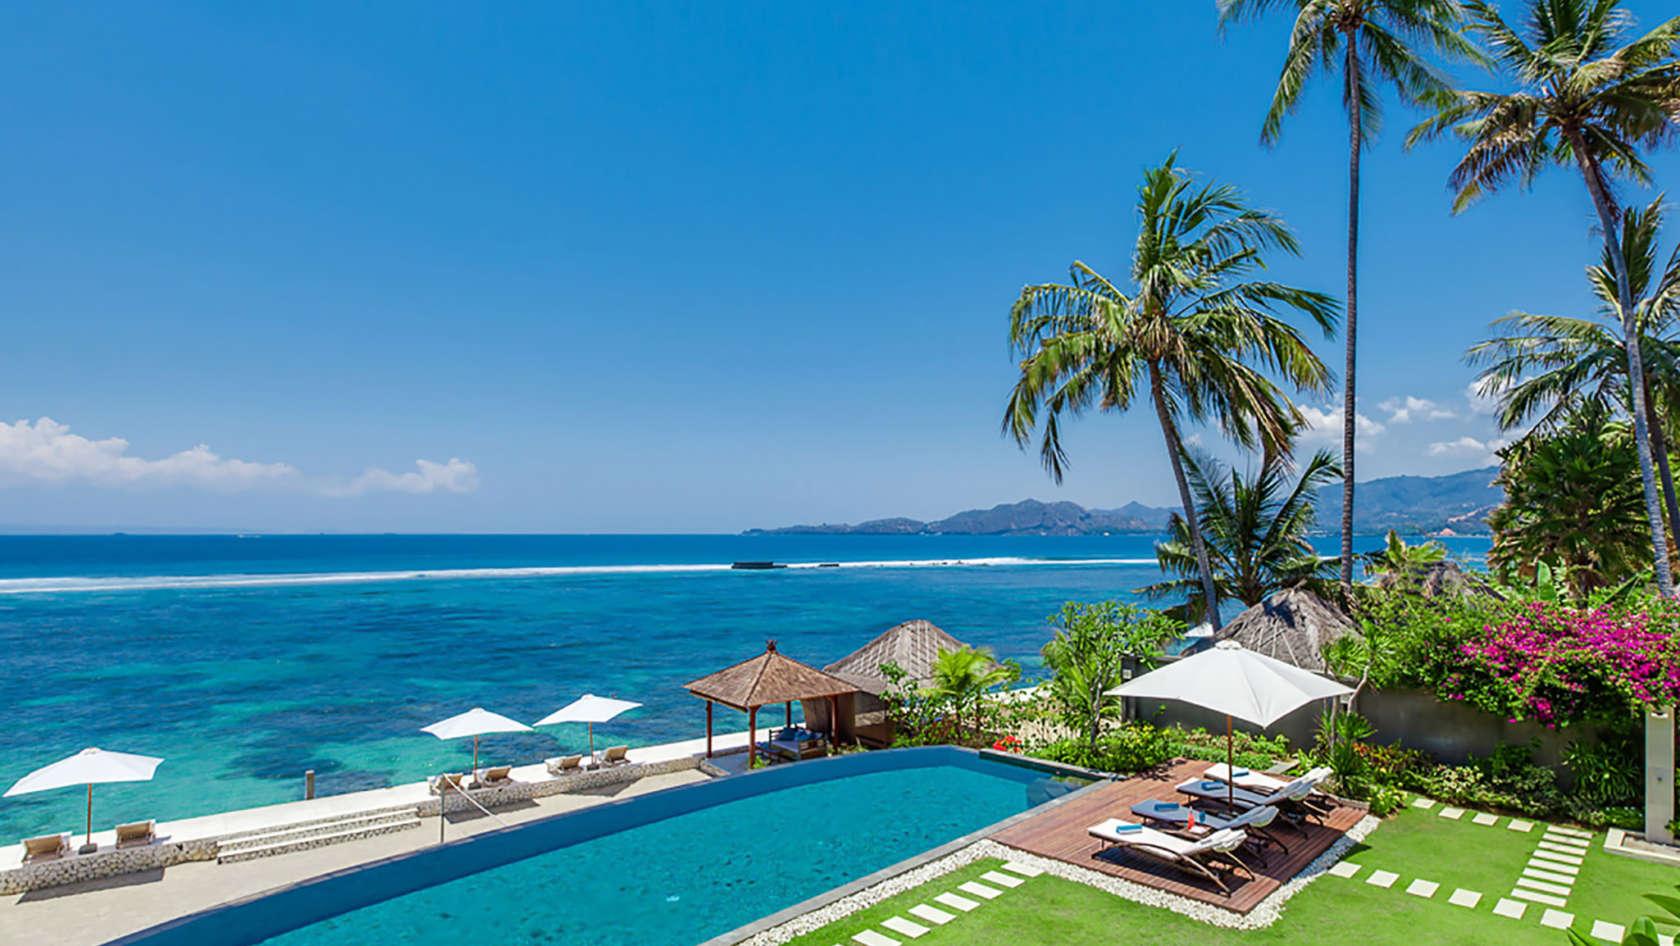 Liburan dan WFH ke Bali pada Masa Pandemi